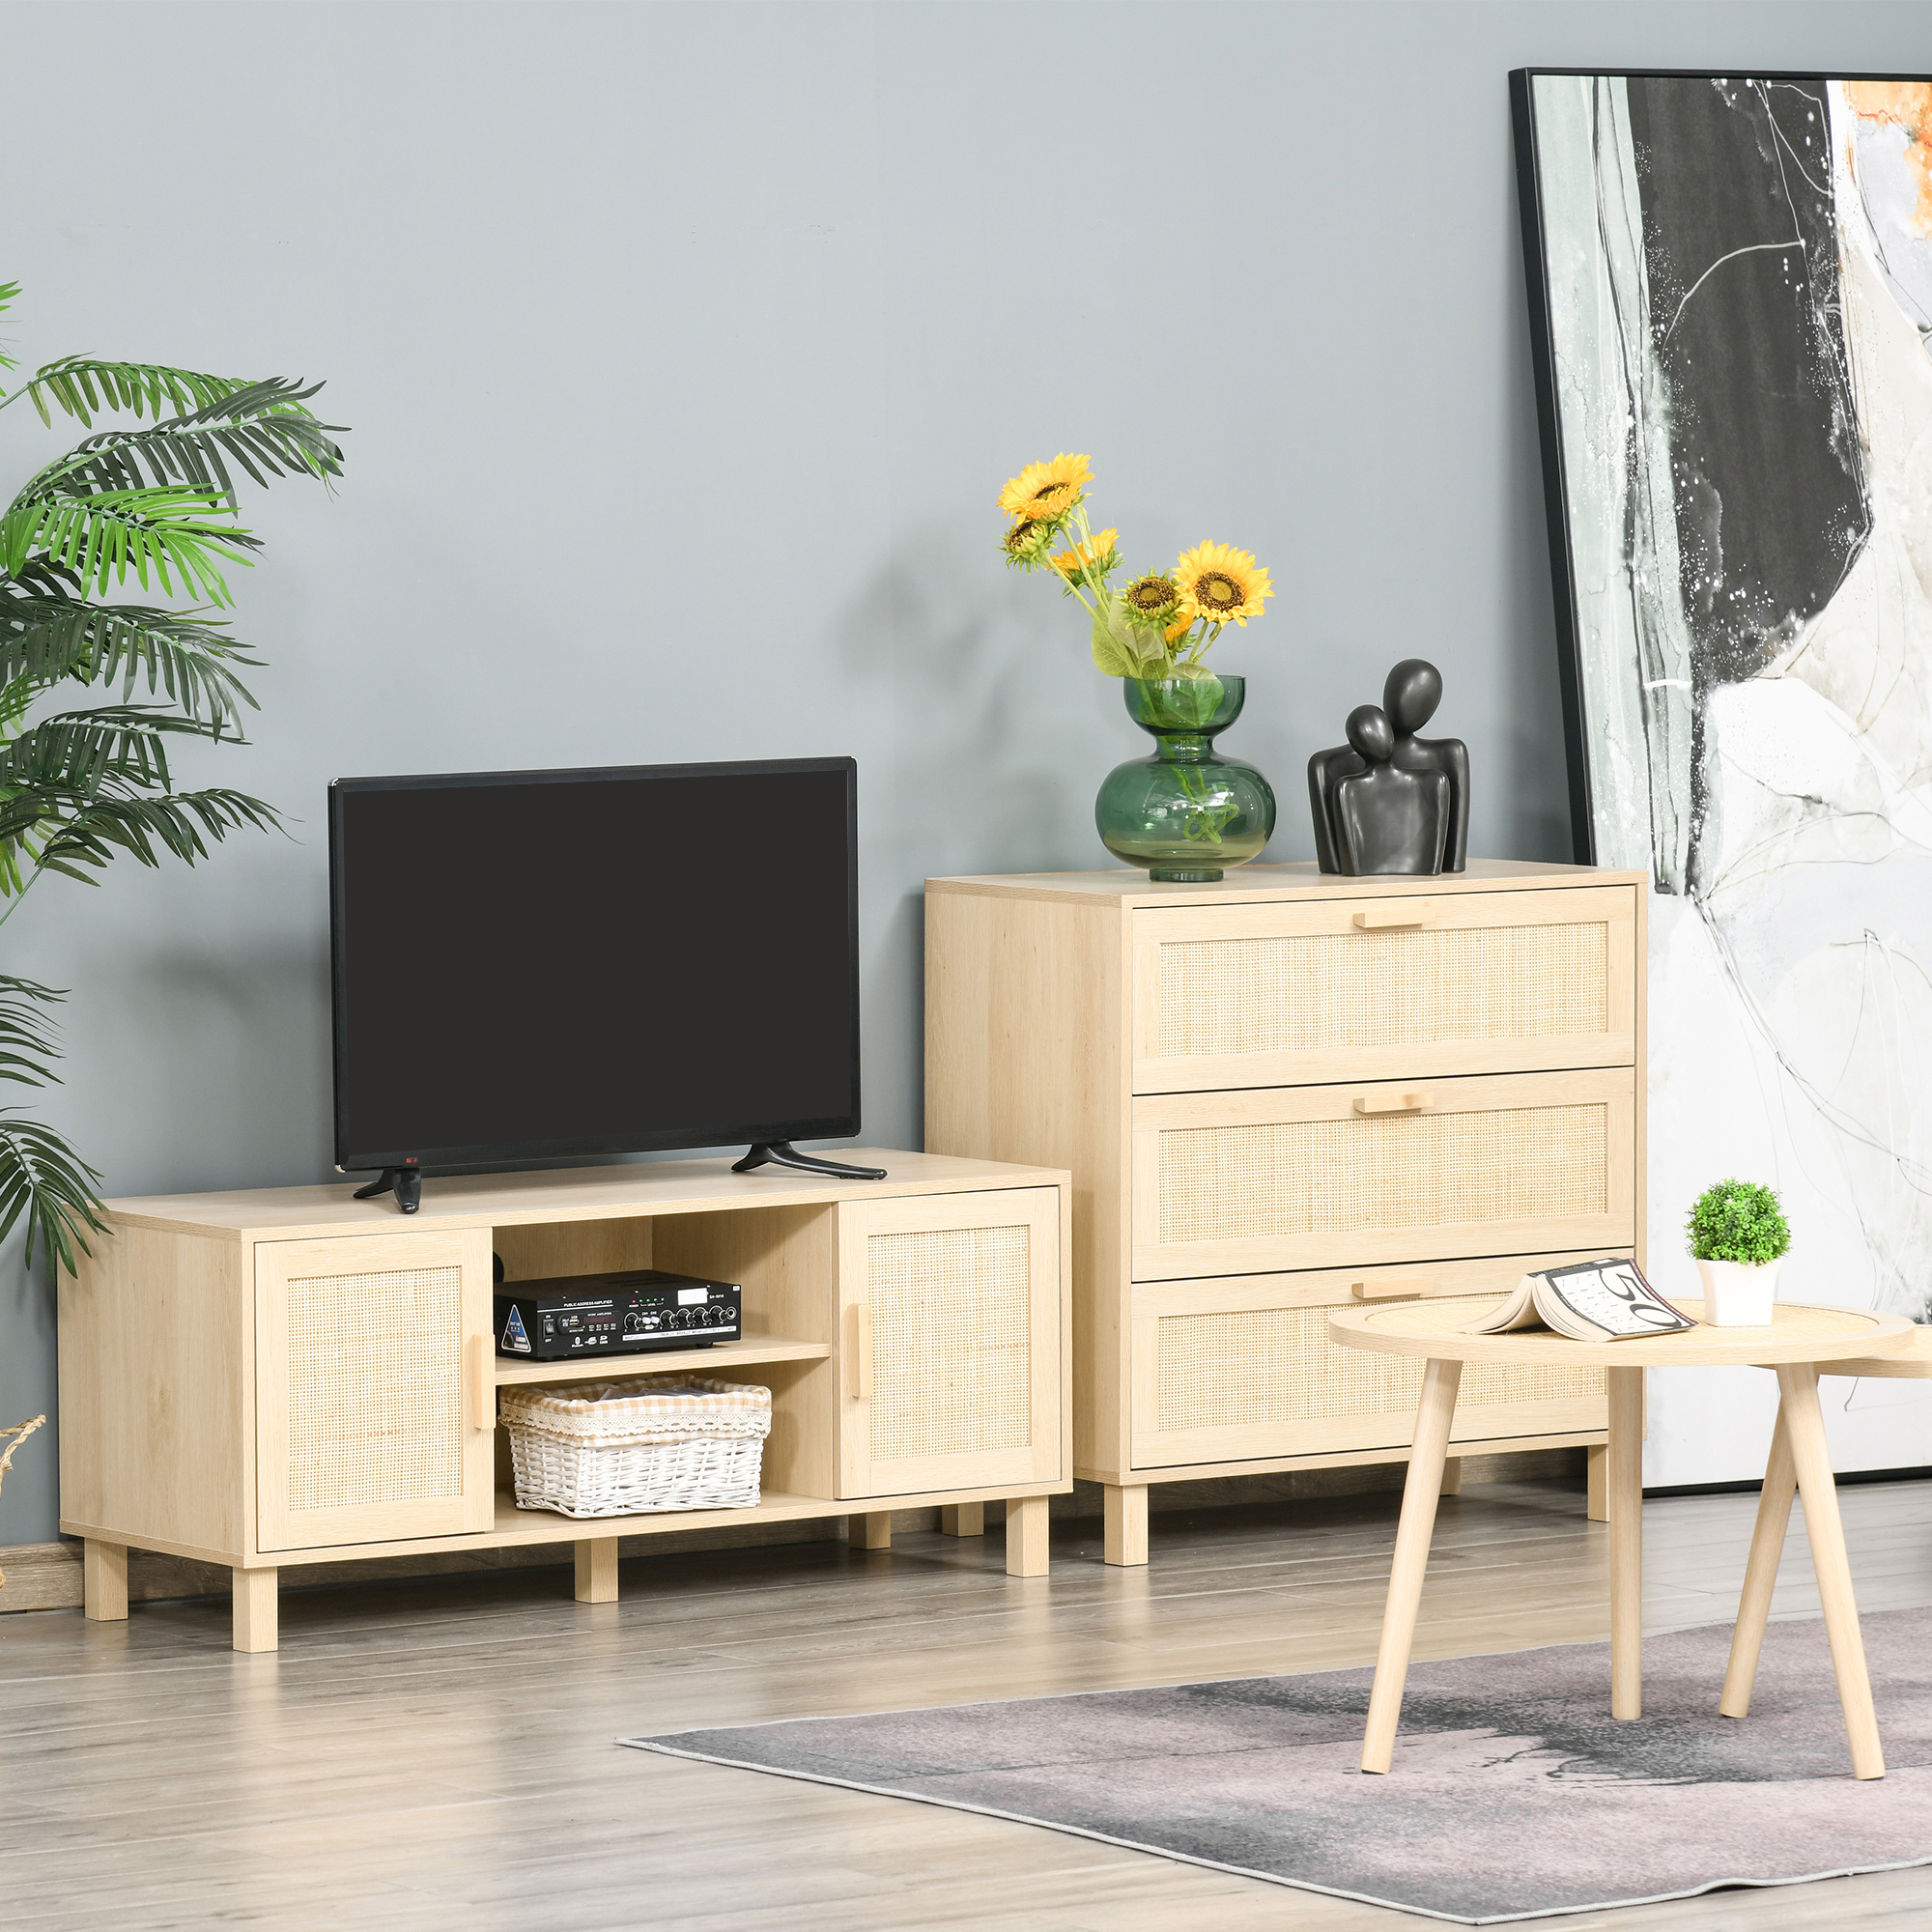 Meuble TV cannage rotin panneau de fibres moyenne densité bois clair